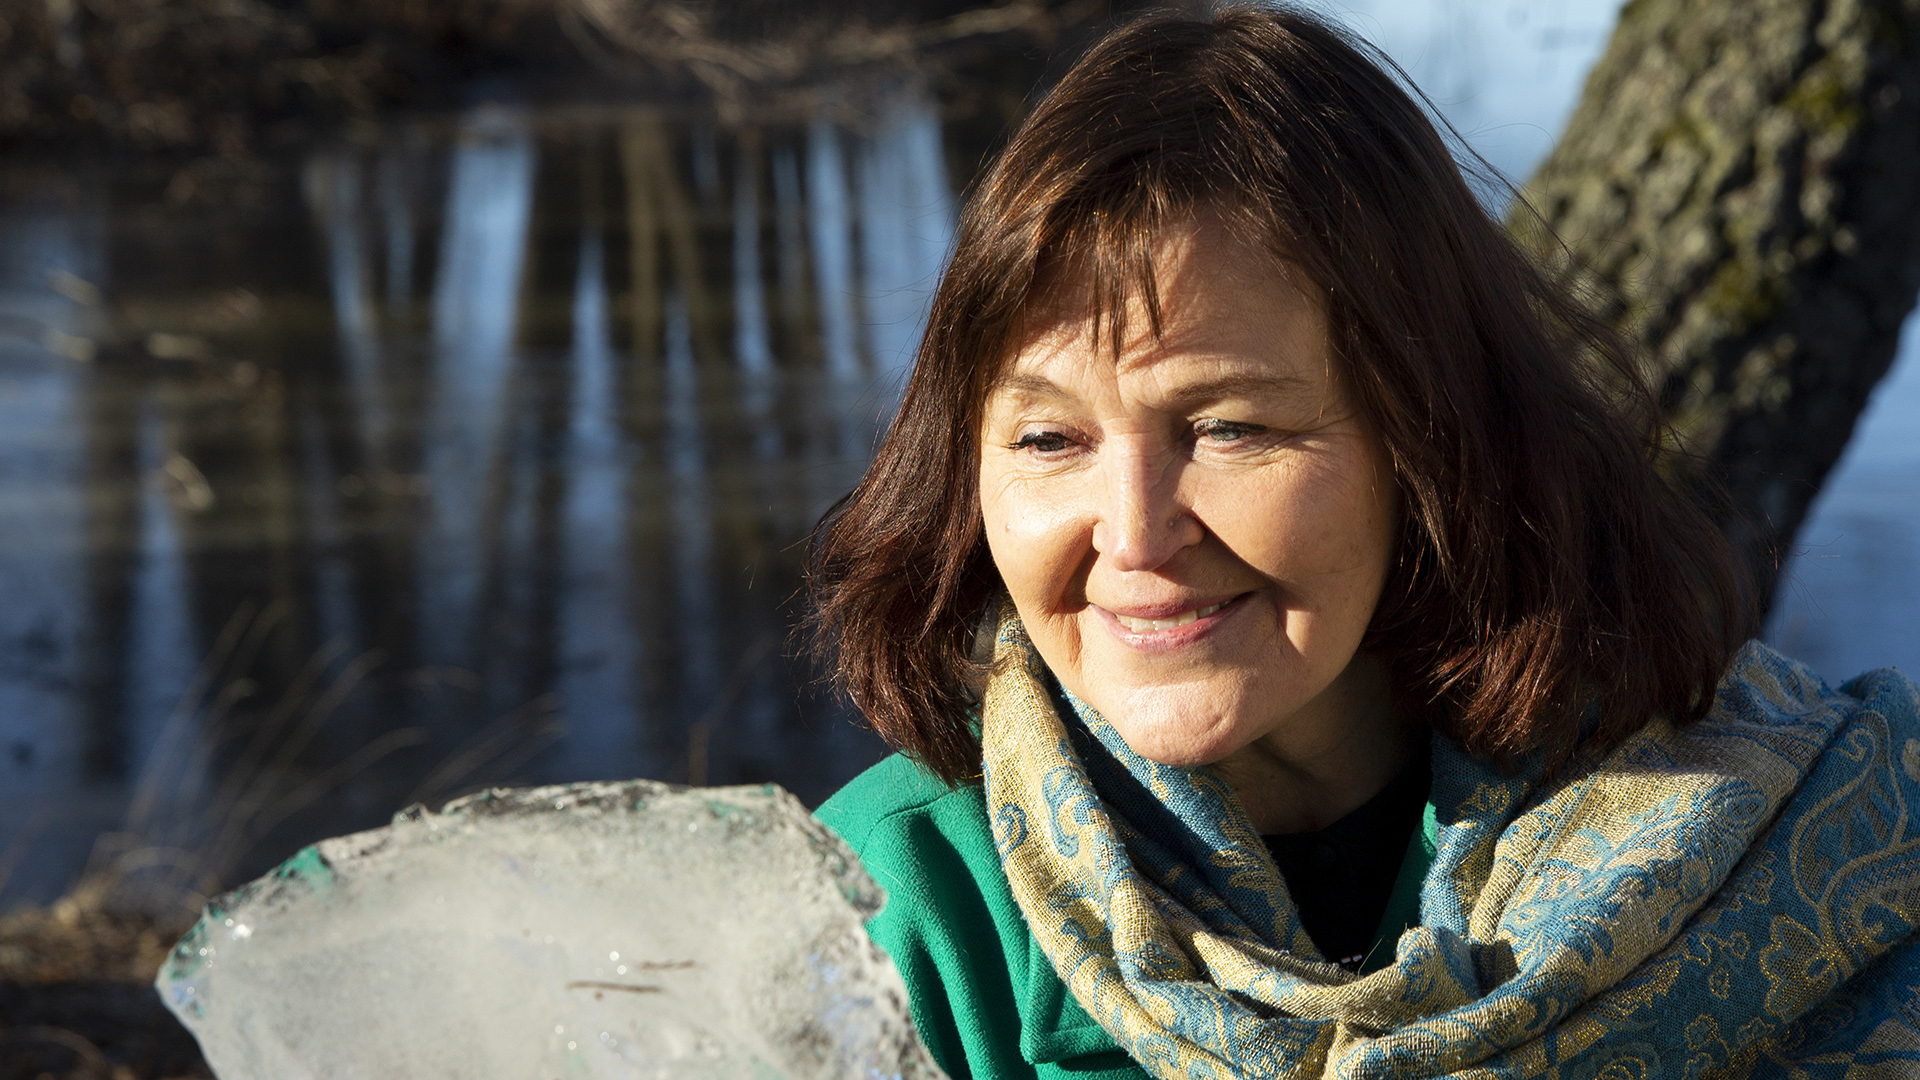 """Anna-Mari Kaskinen on suomalainen kirjailija, runoilija ja sanoittaja. Hän on esimerkiksi sanoittanut """"Herra, kädelläsi"""" virsikirjan virren."""